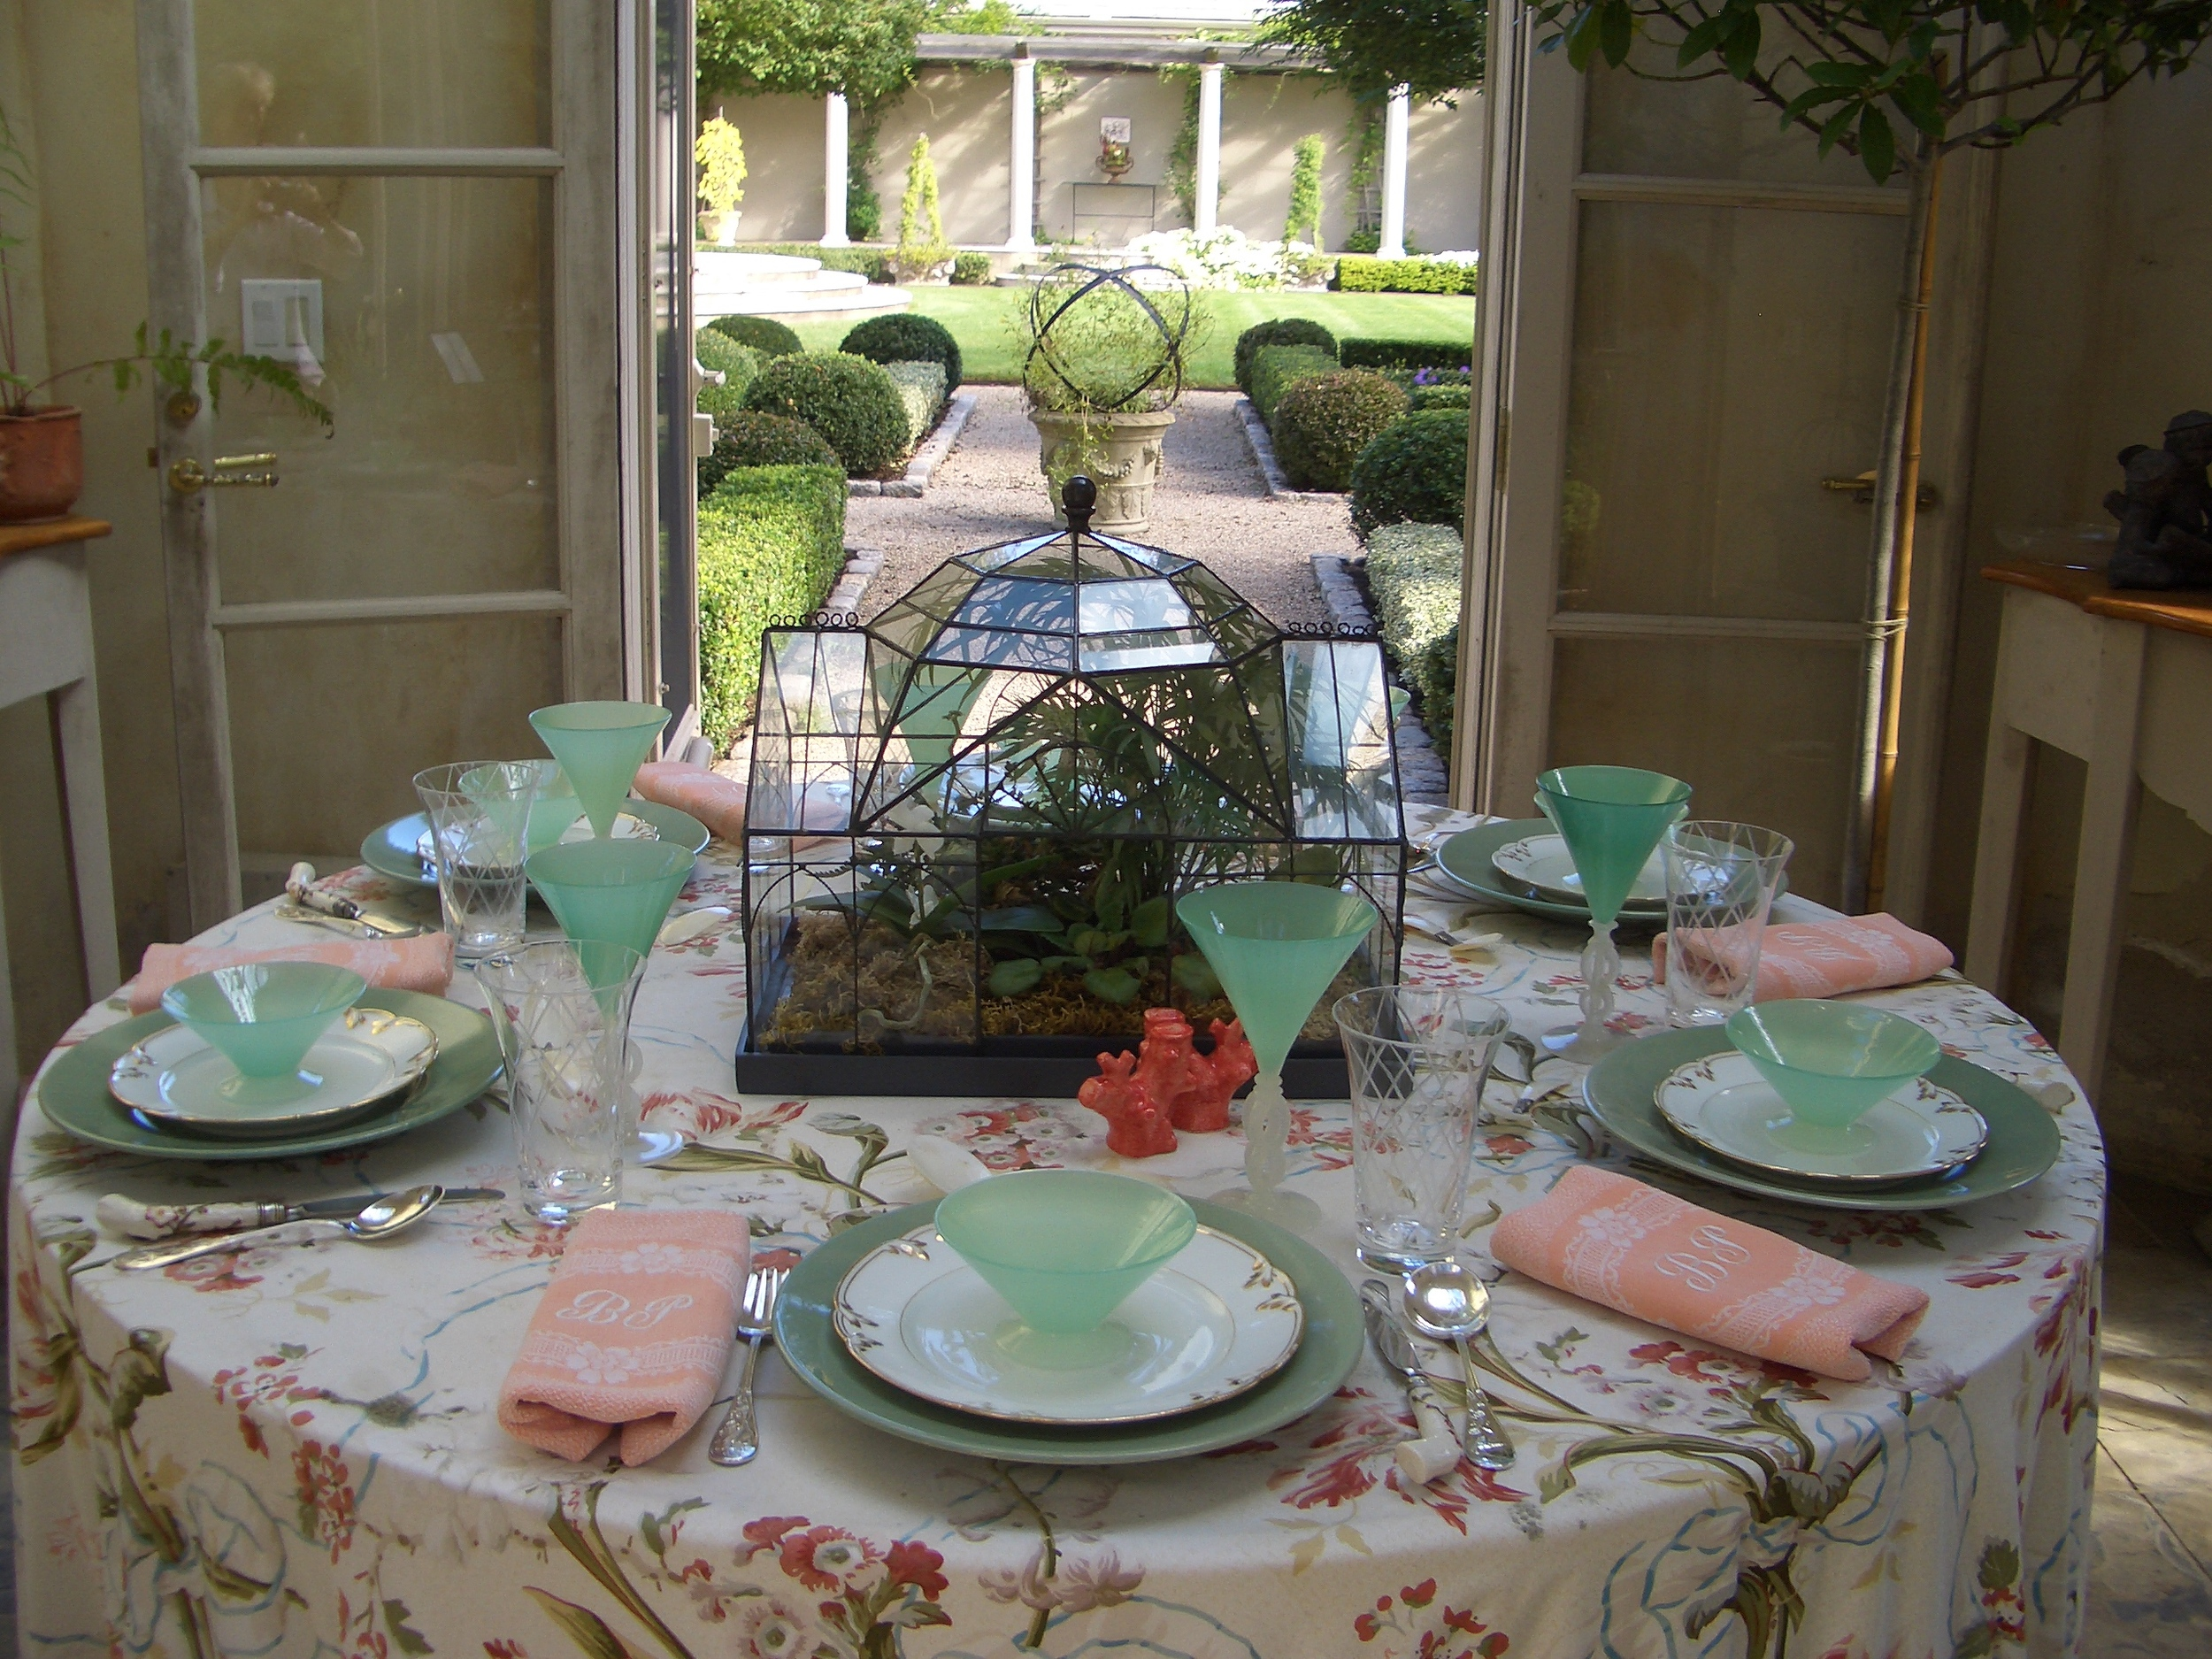 Lunch in the Garden. Image via Bettie Bearden Pardee